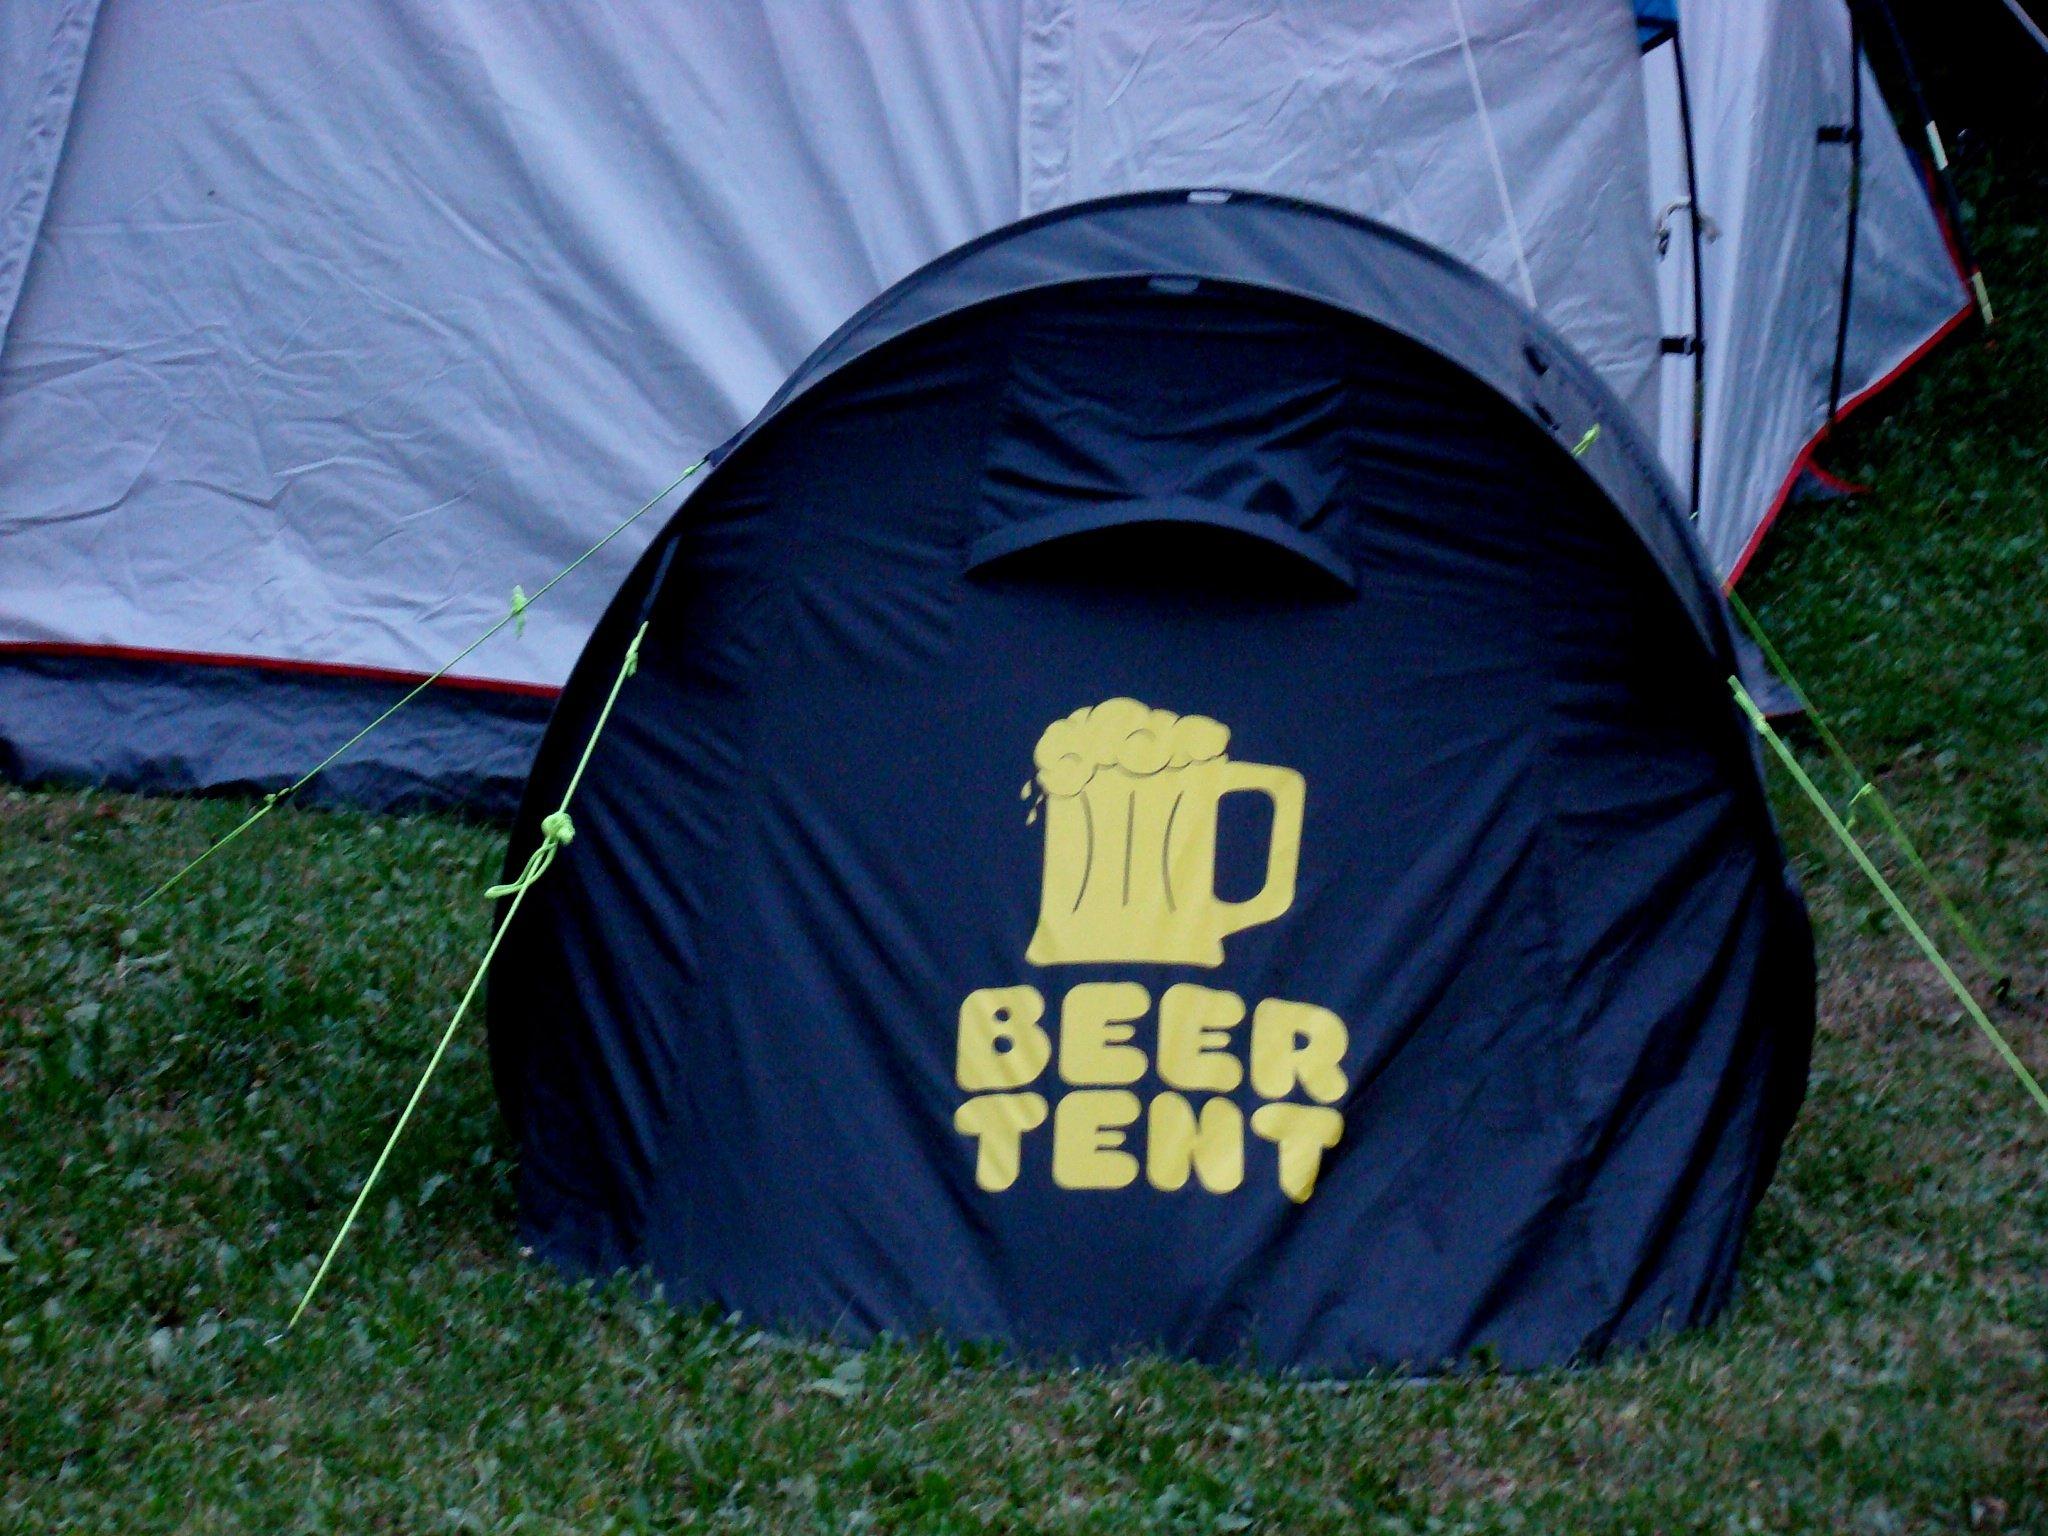 Beer-lak